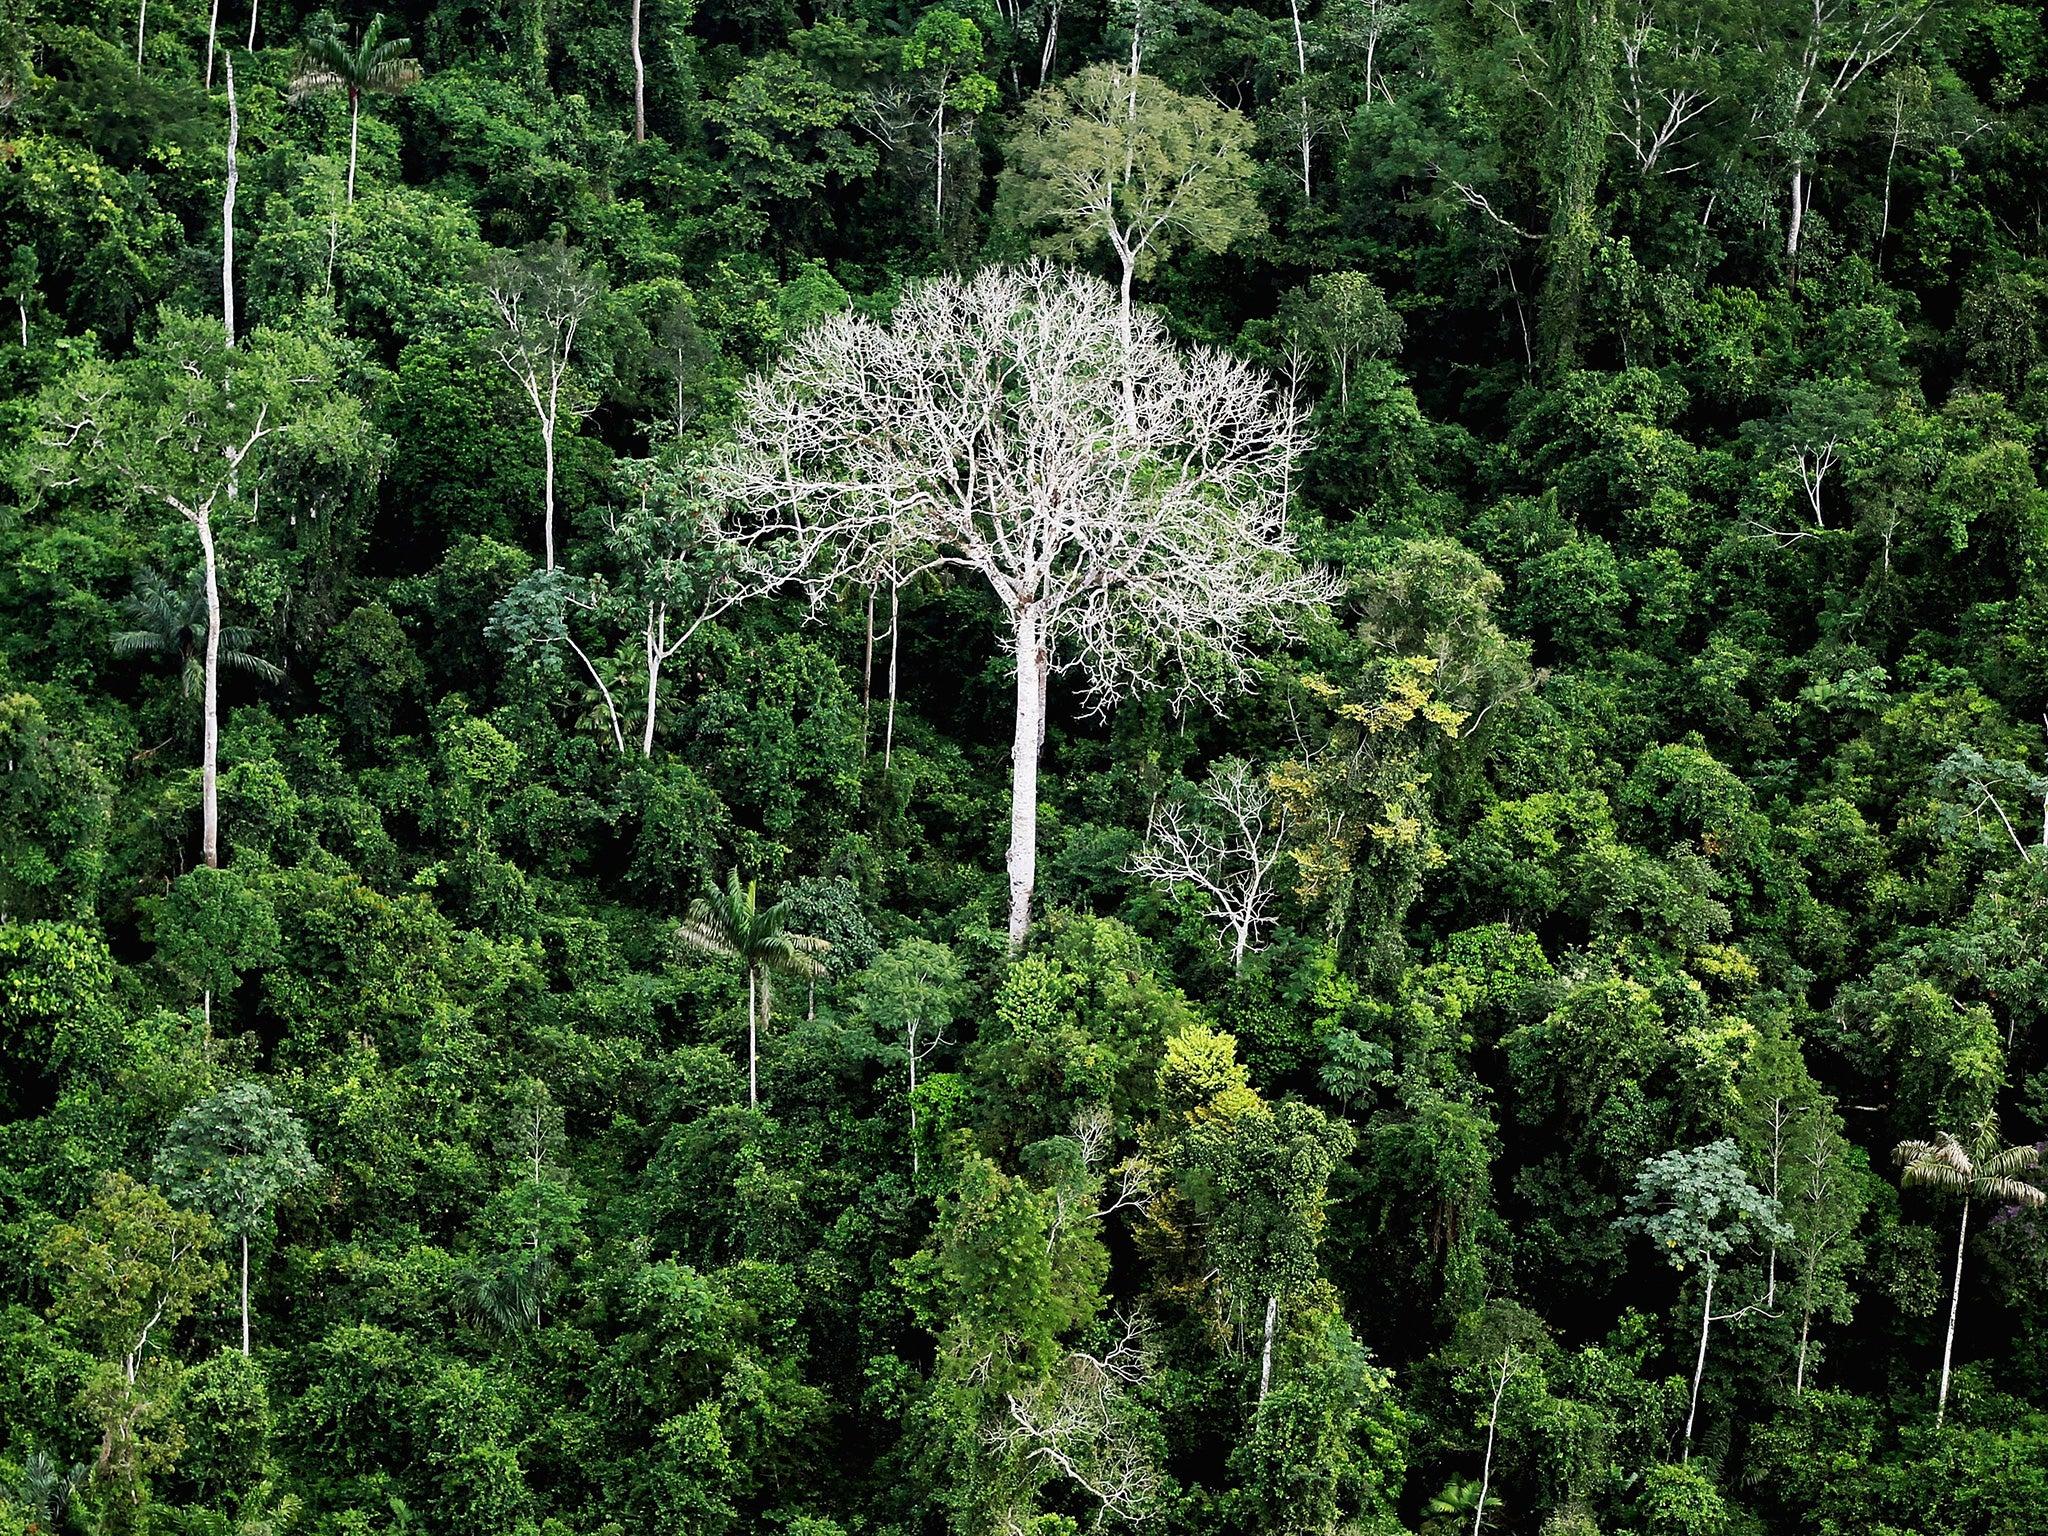 Lembaga Pemerintah Brasil: Deforestasi Amazon Kian Parah di Bawah Kepemimpinan Bolsonaro